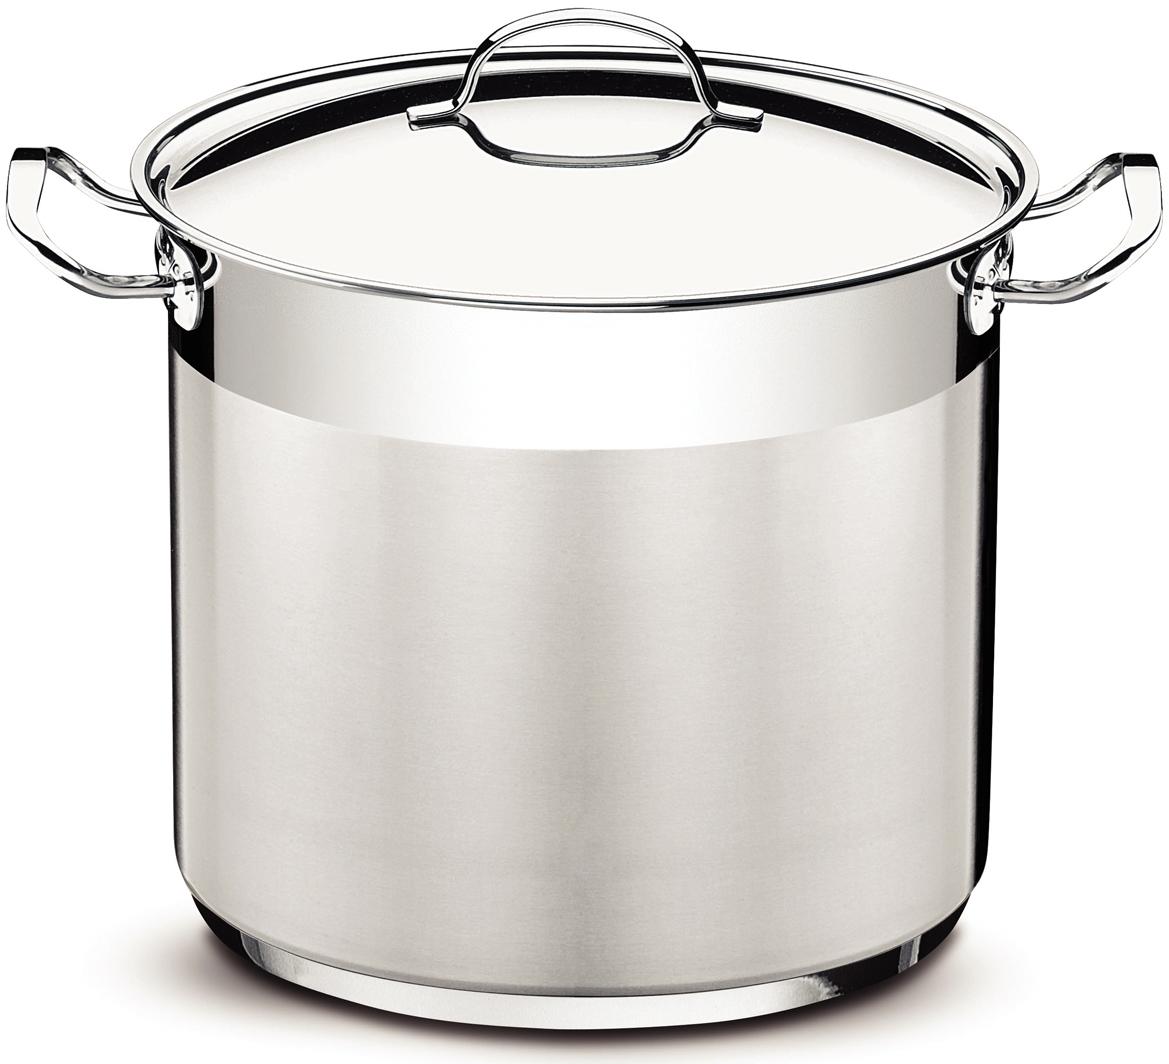 Кастрюля Tramontina Professional, 9,6 л купить в иванове посуду из нержавеющей стали